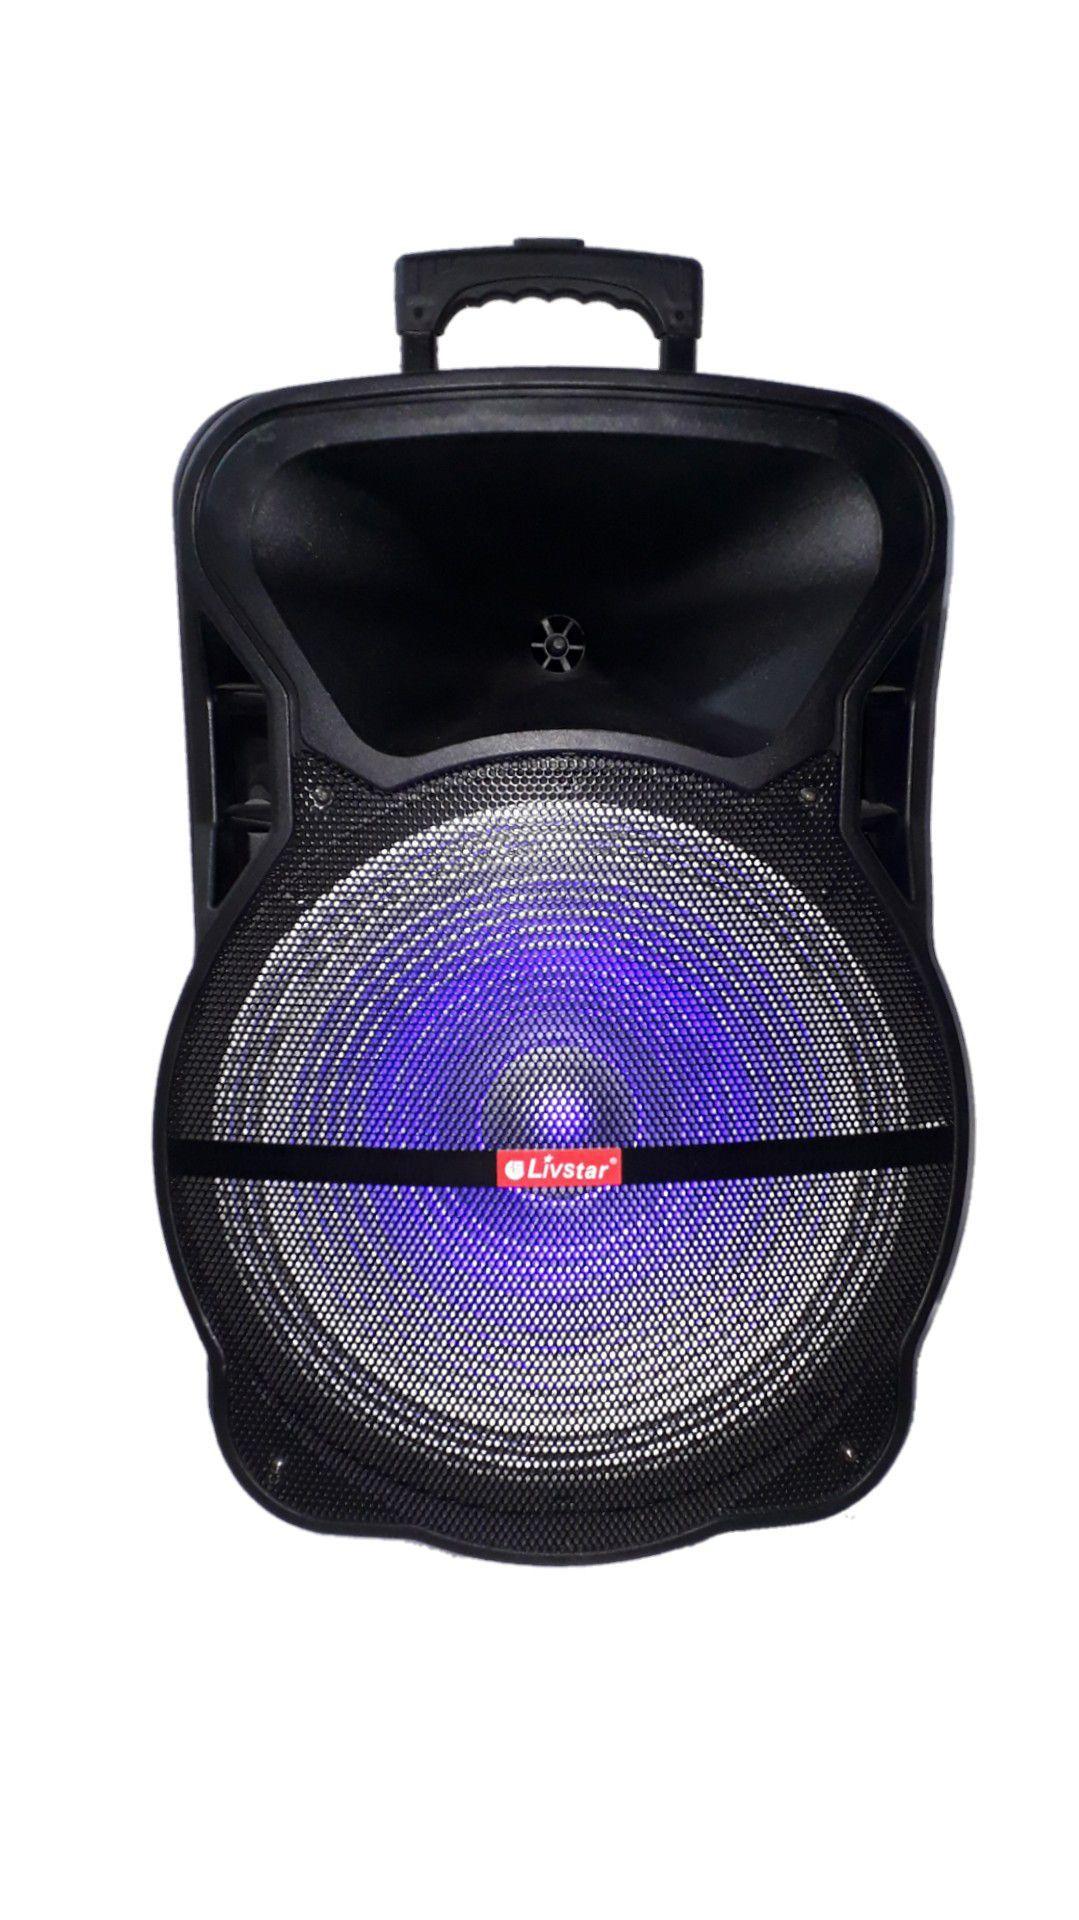 Caixa Amplificada Livstar Cnn8025 Bluetooth Usb Sd Fm Mic Falante 15